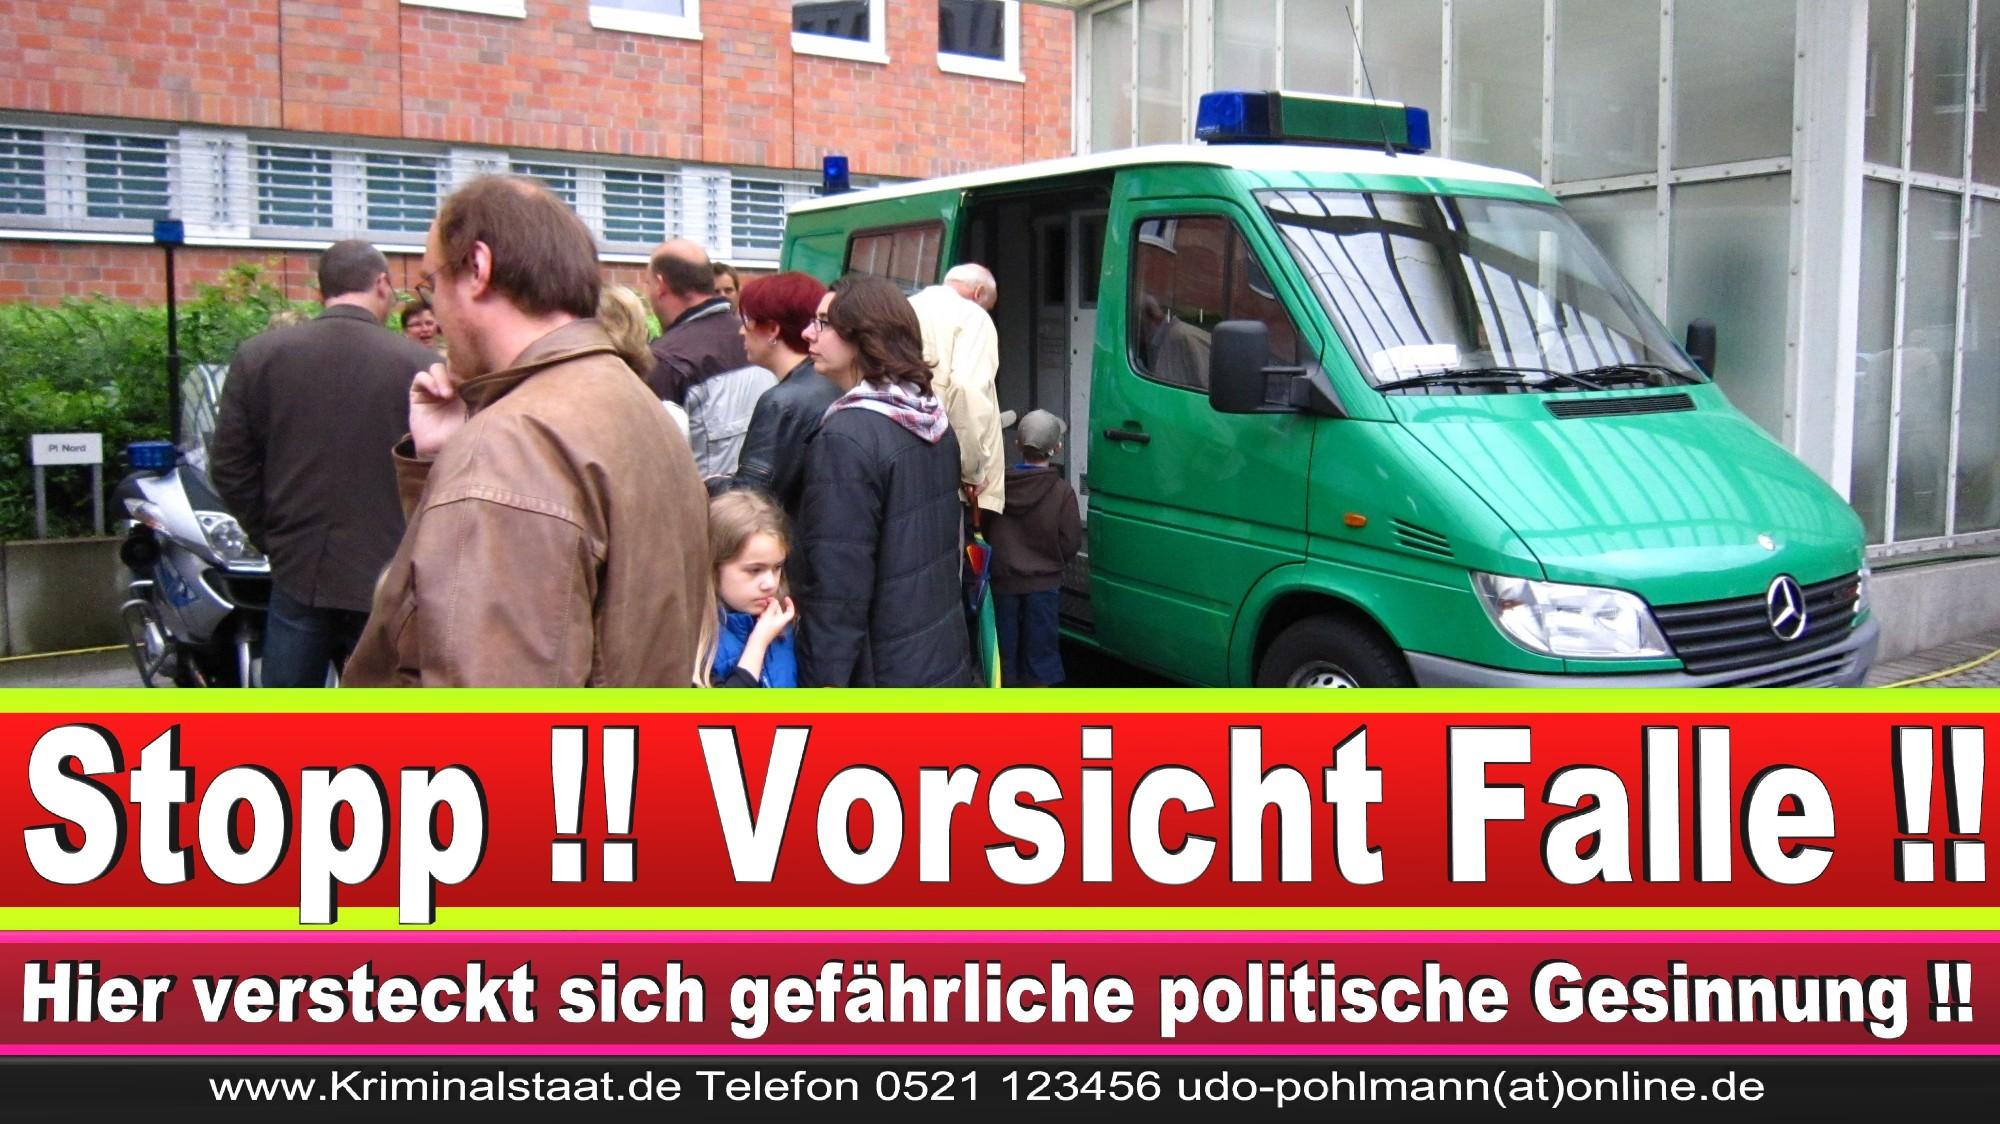 Polizeipräsidentin Katharina Giere Polizei Bielefeld NRW Erwin Südfeld Horst Kruse Polizeiuniform Polizeigewalt DEMONSTRATION Bahnhof (5) 1